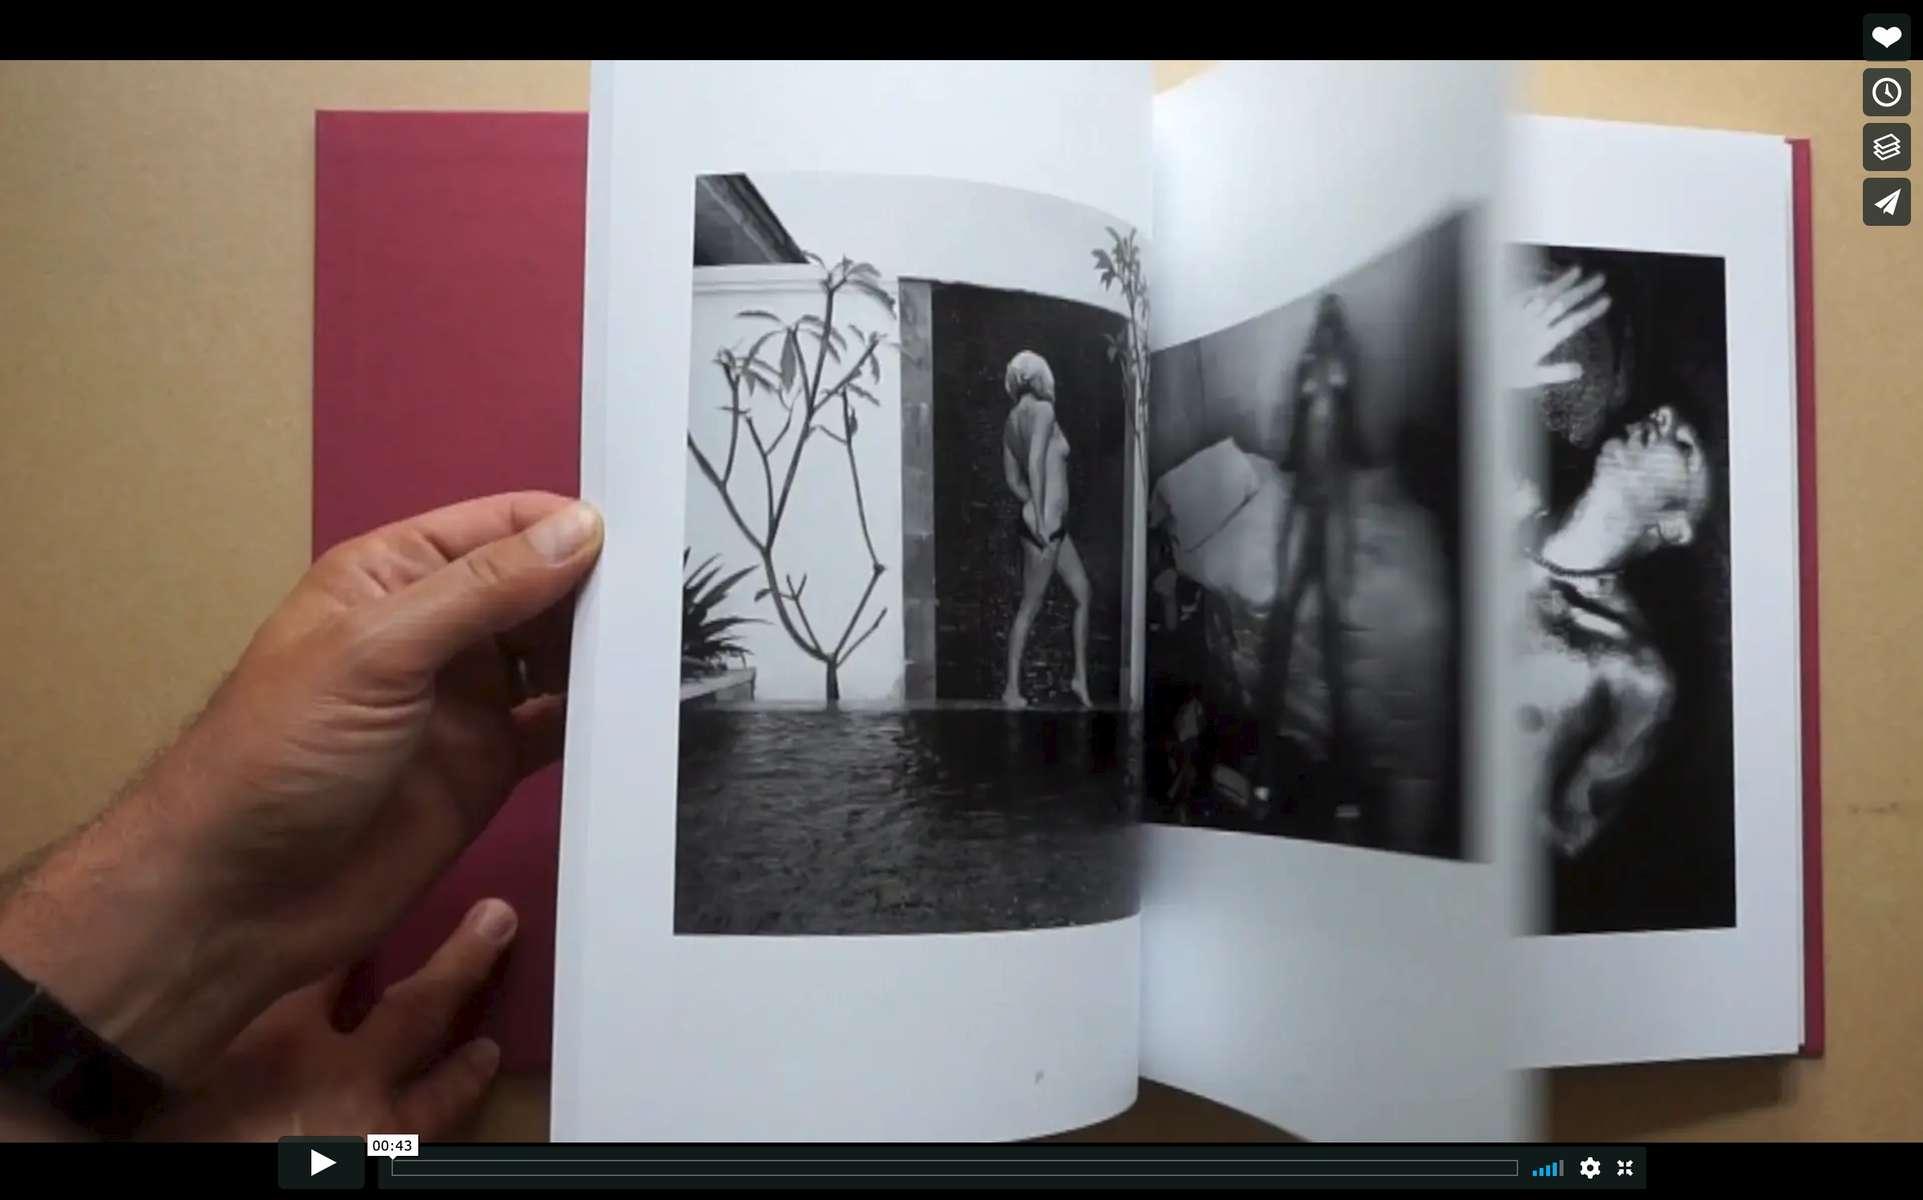 VictorCobo_Exit_Pleasure_on_Vimeo